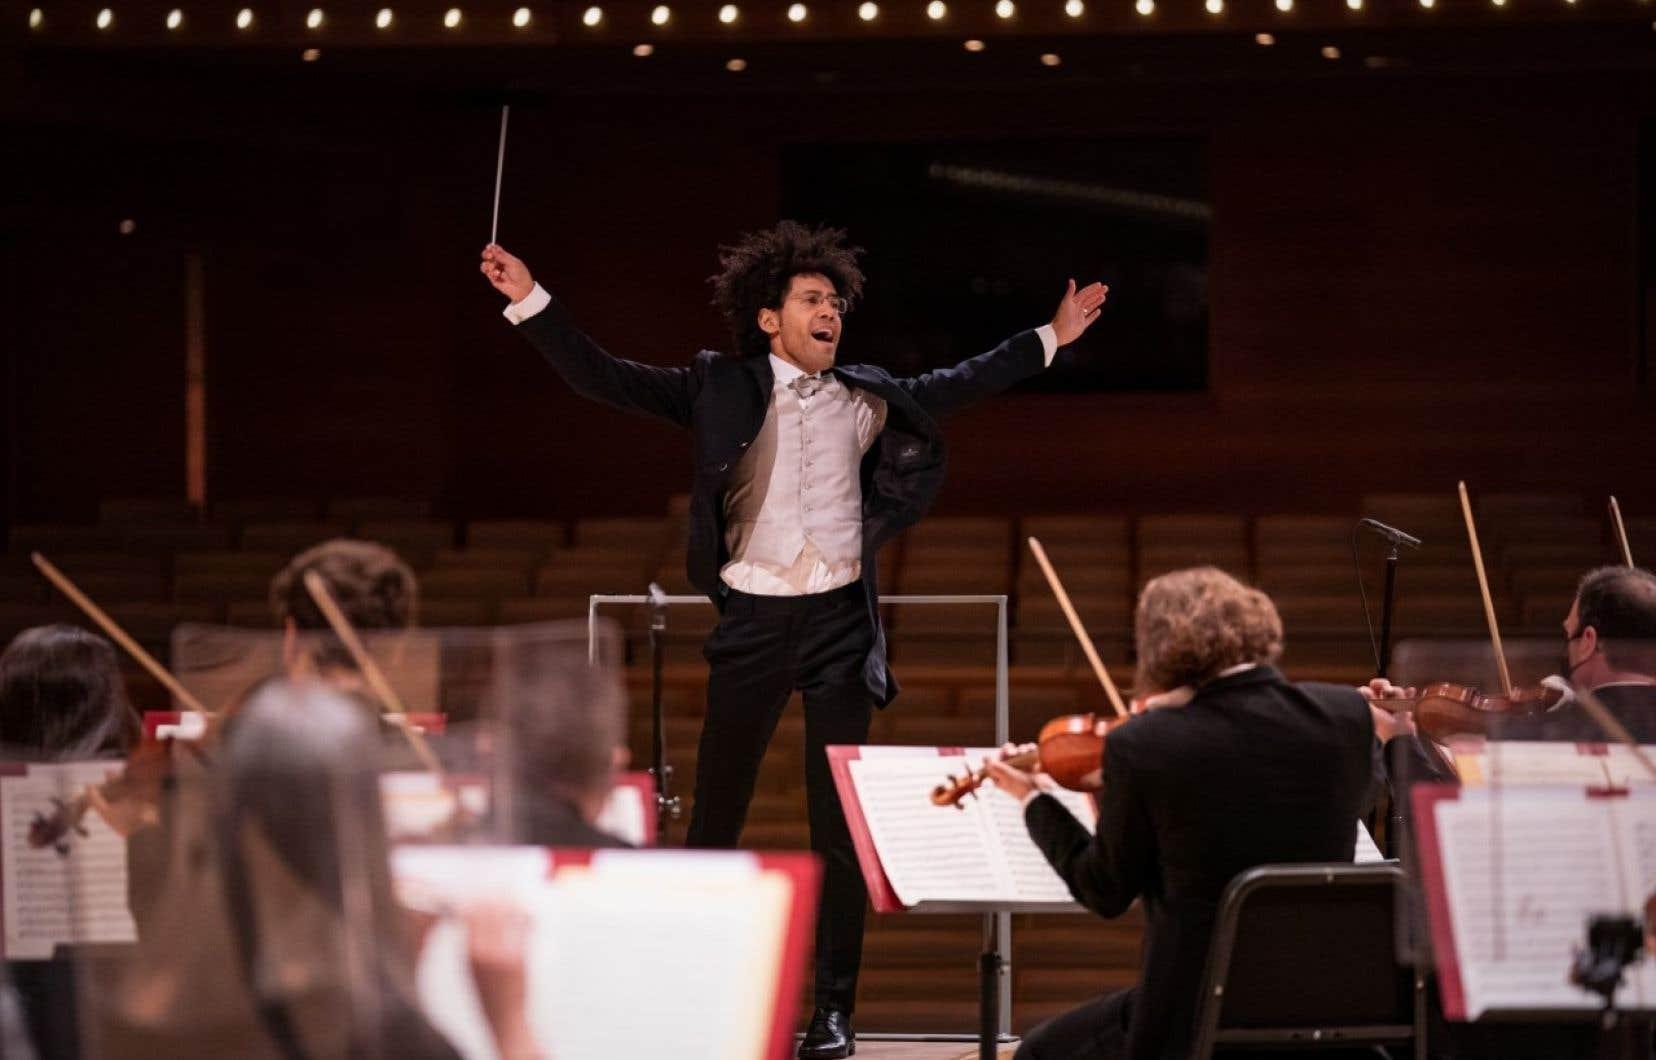 Le chef Rafael Payare et le pianiste québécois Charles Richard-Hamelin ont choisi Mozart, et plus particulièrement le <i>24<sup>e</sup>Concerto pour piano</i>, pour le second concert de l'orchestre en webdiffusion.